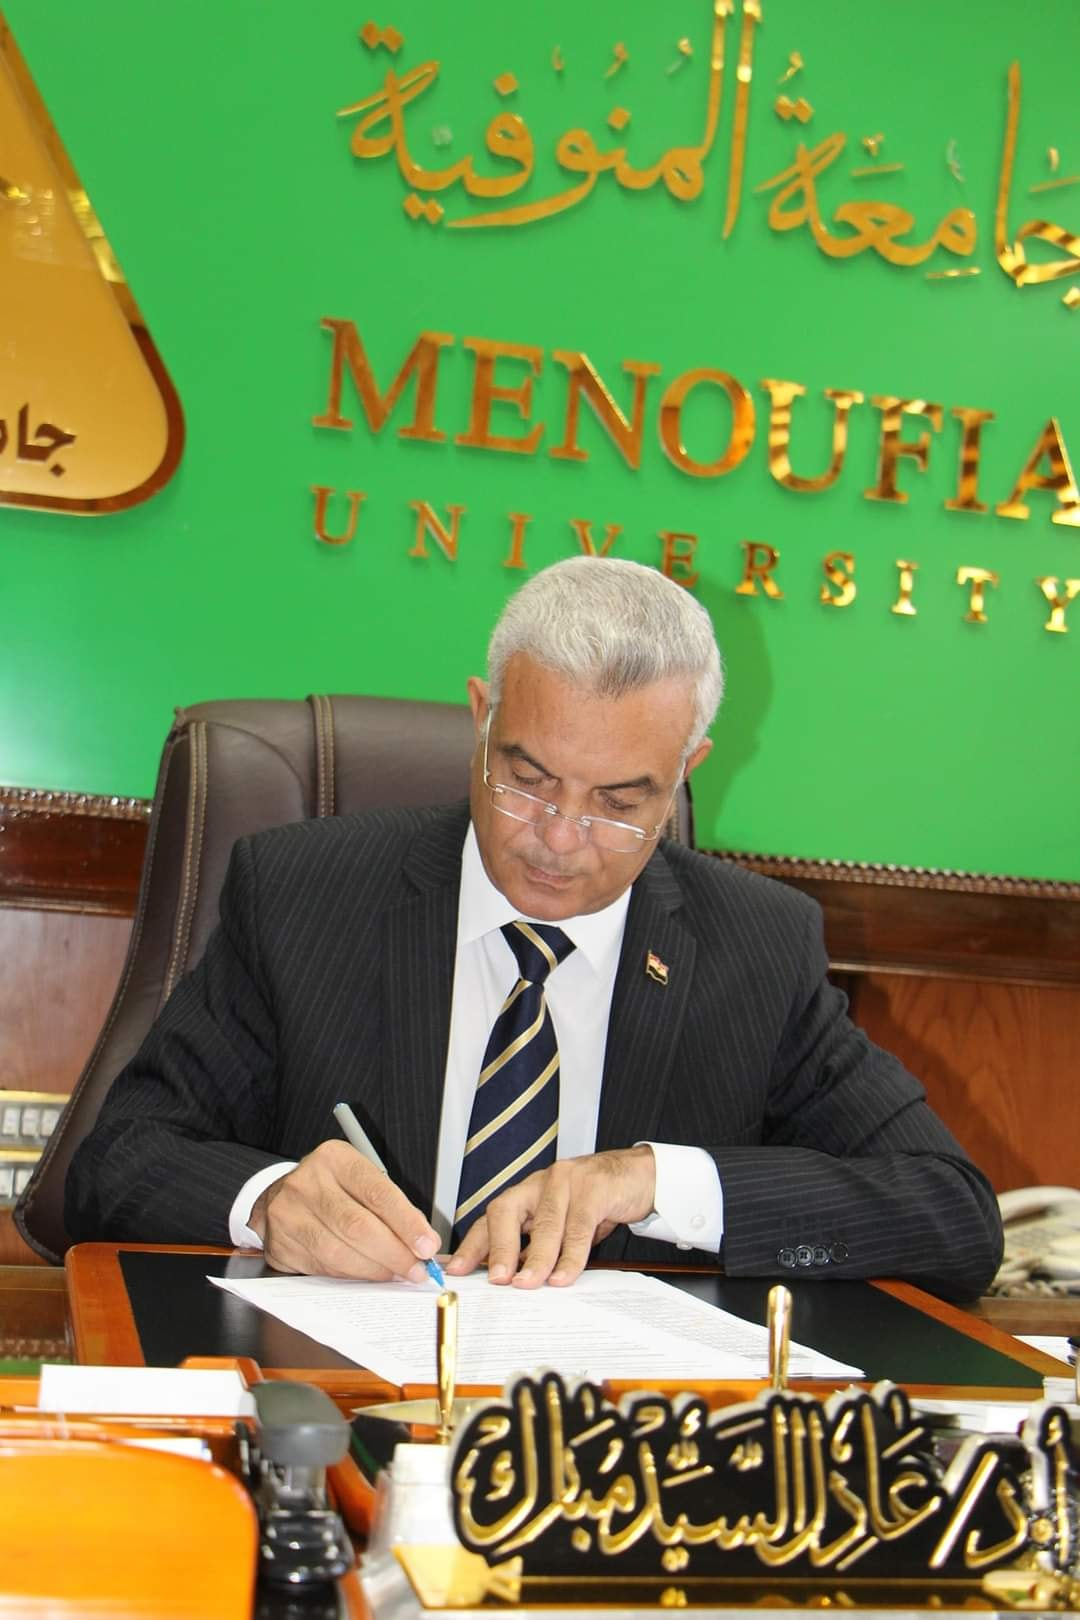 تجديد تعيين الدكتور مصطفي الحبيبي رئيسا لقسم التشريح بطــب المنوفـيـة